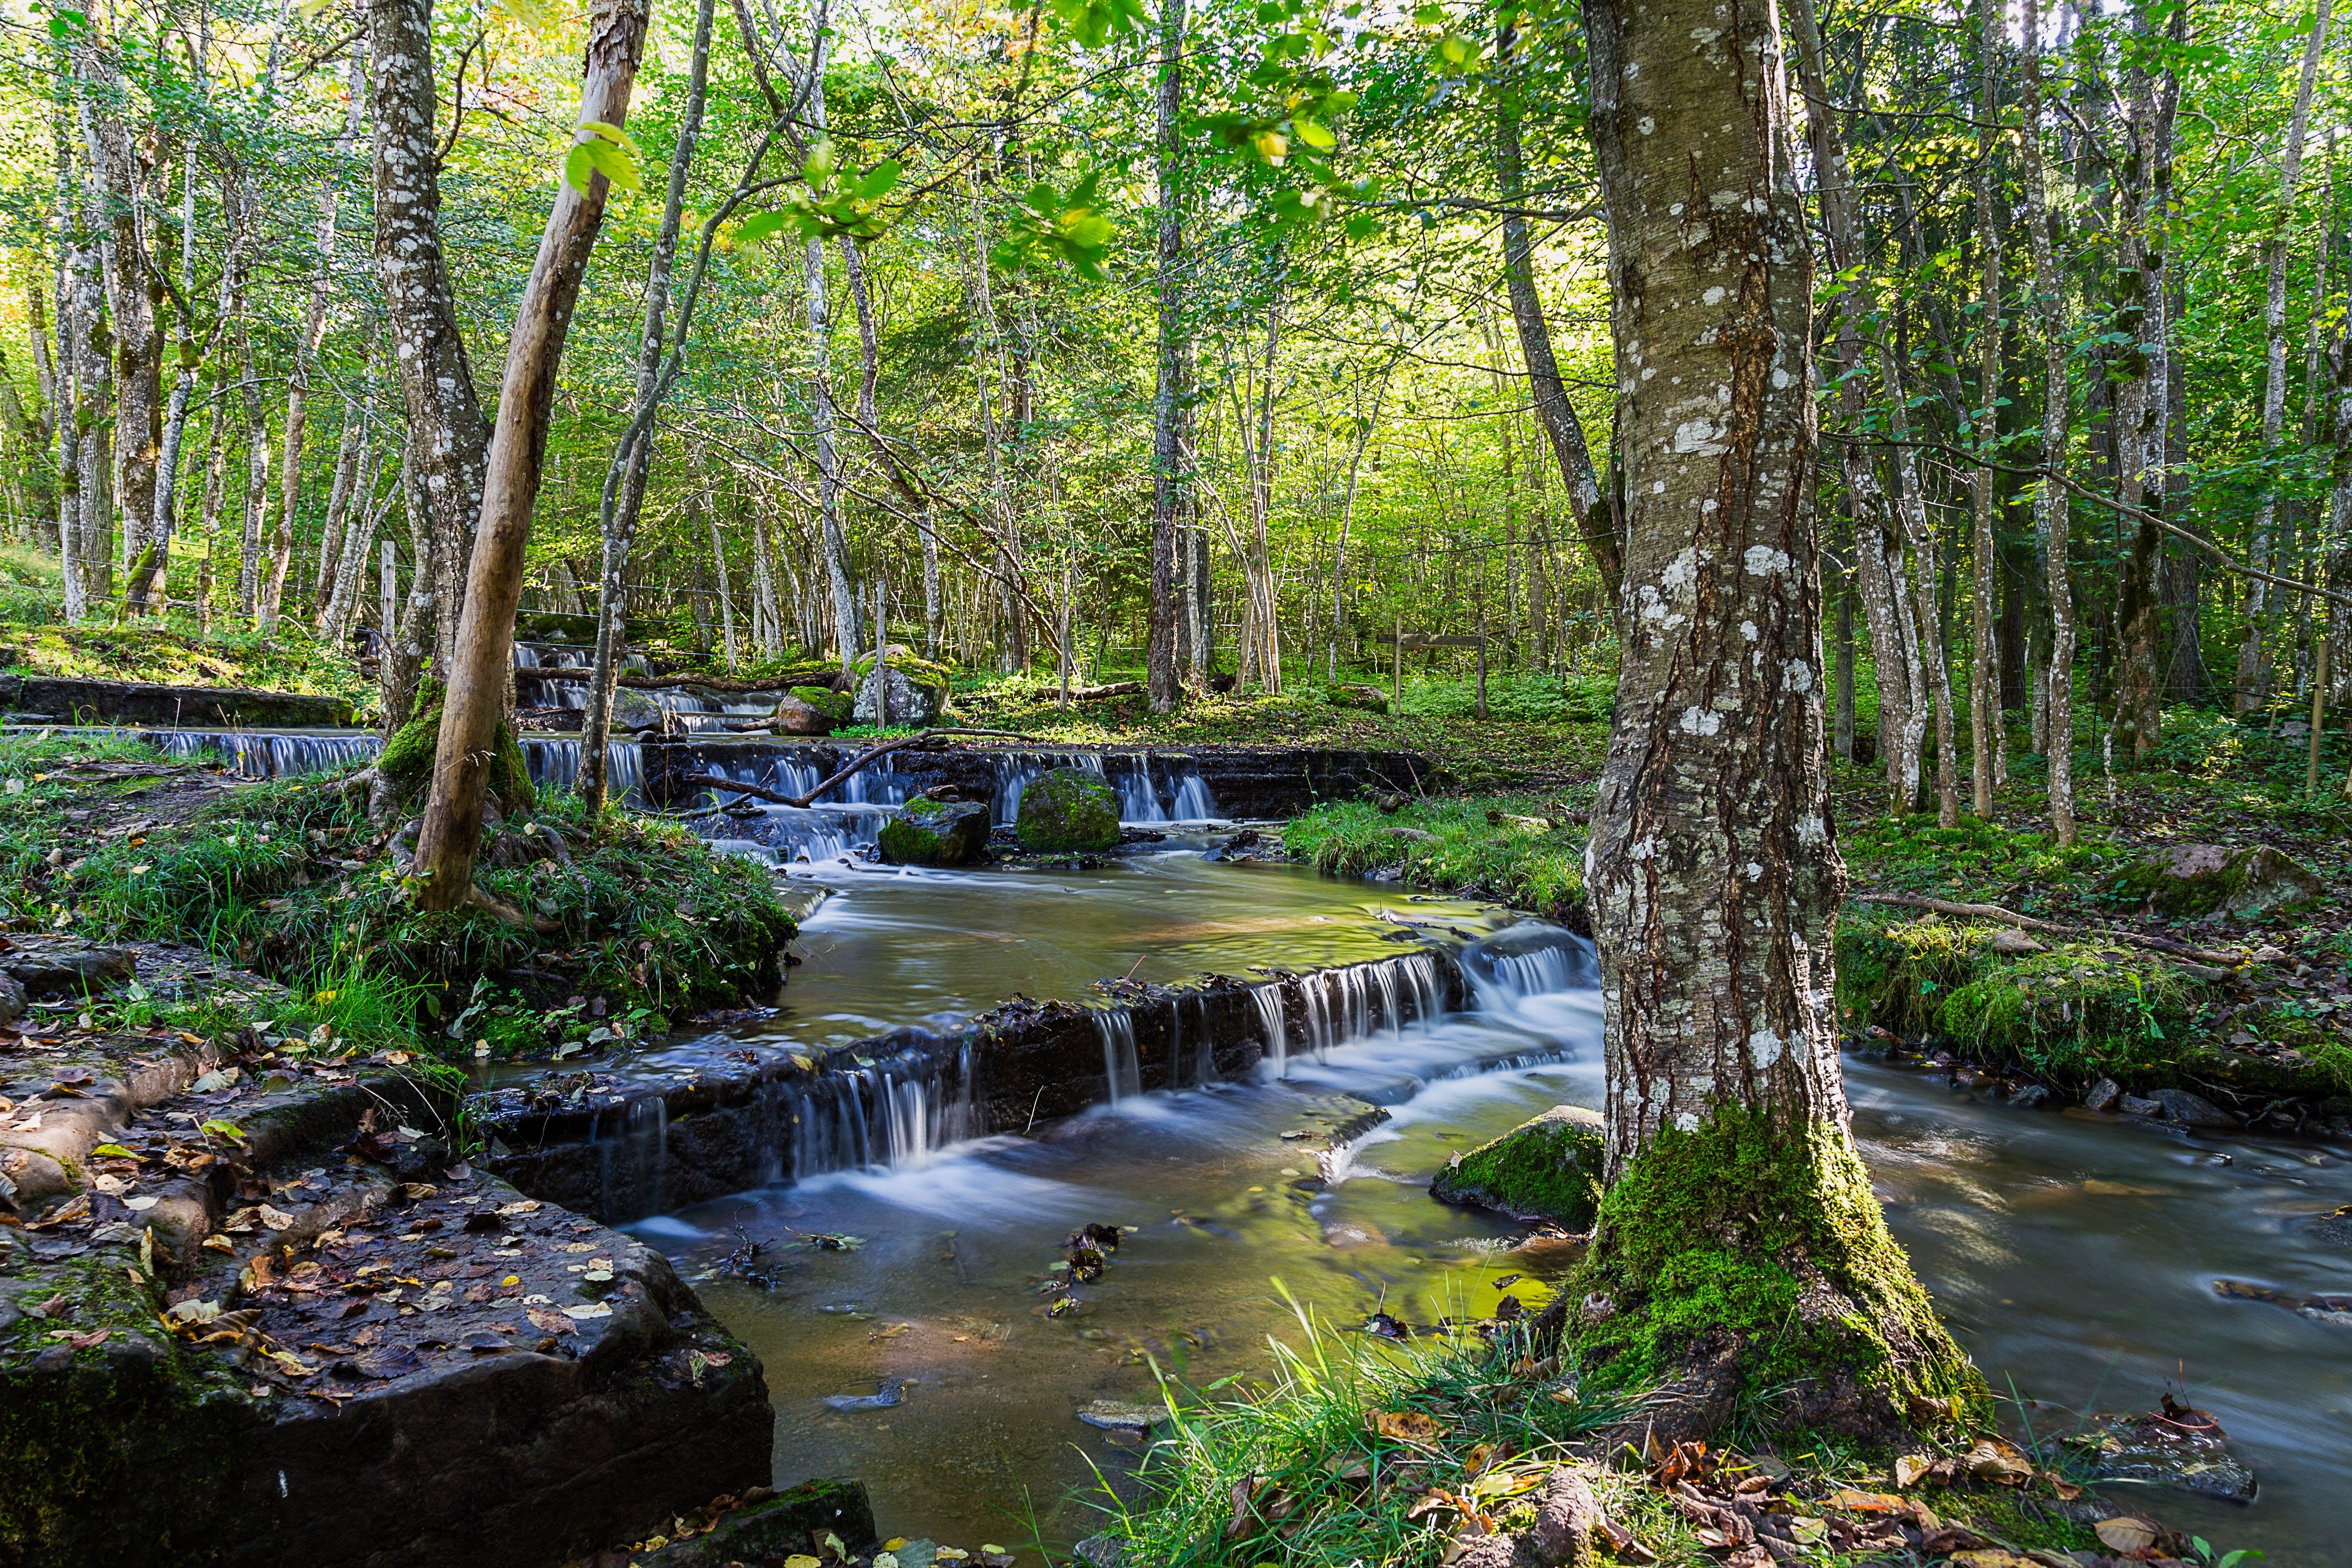 Gratis lagerfoto af natur, skov, vand, vandfald